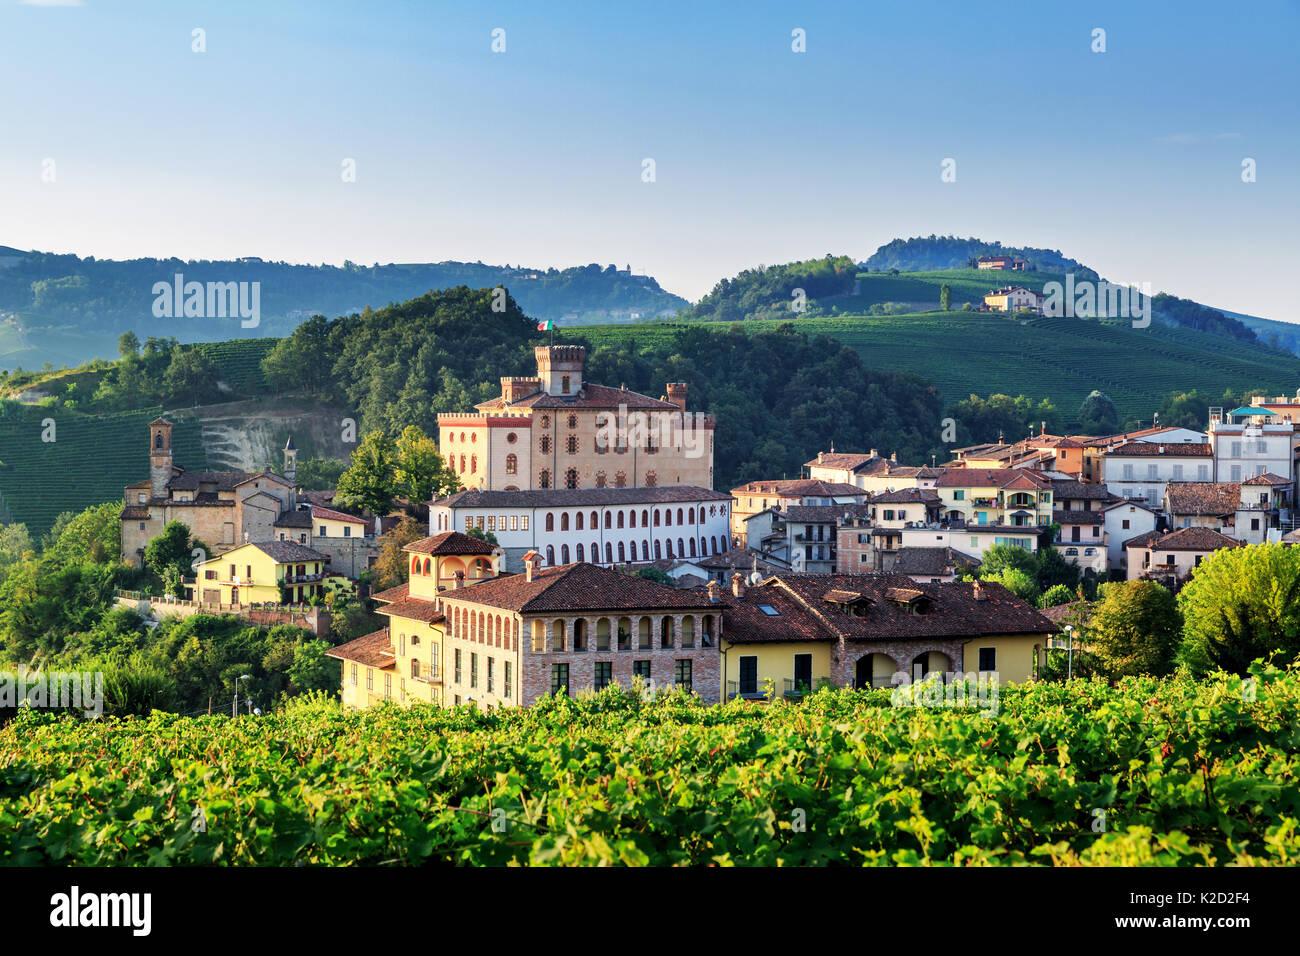 Village of Barolo with Barolo Castle, Castello di Barolo, Piedmont, Italy - Stock Image